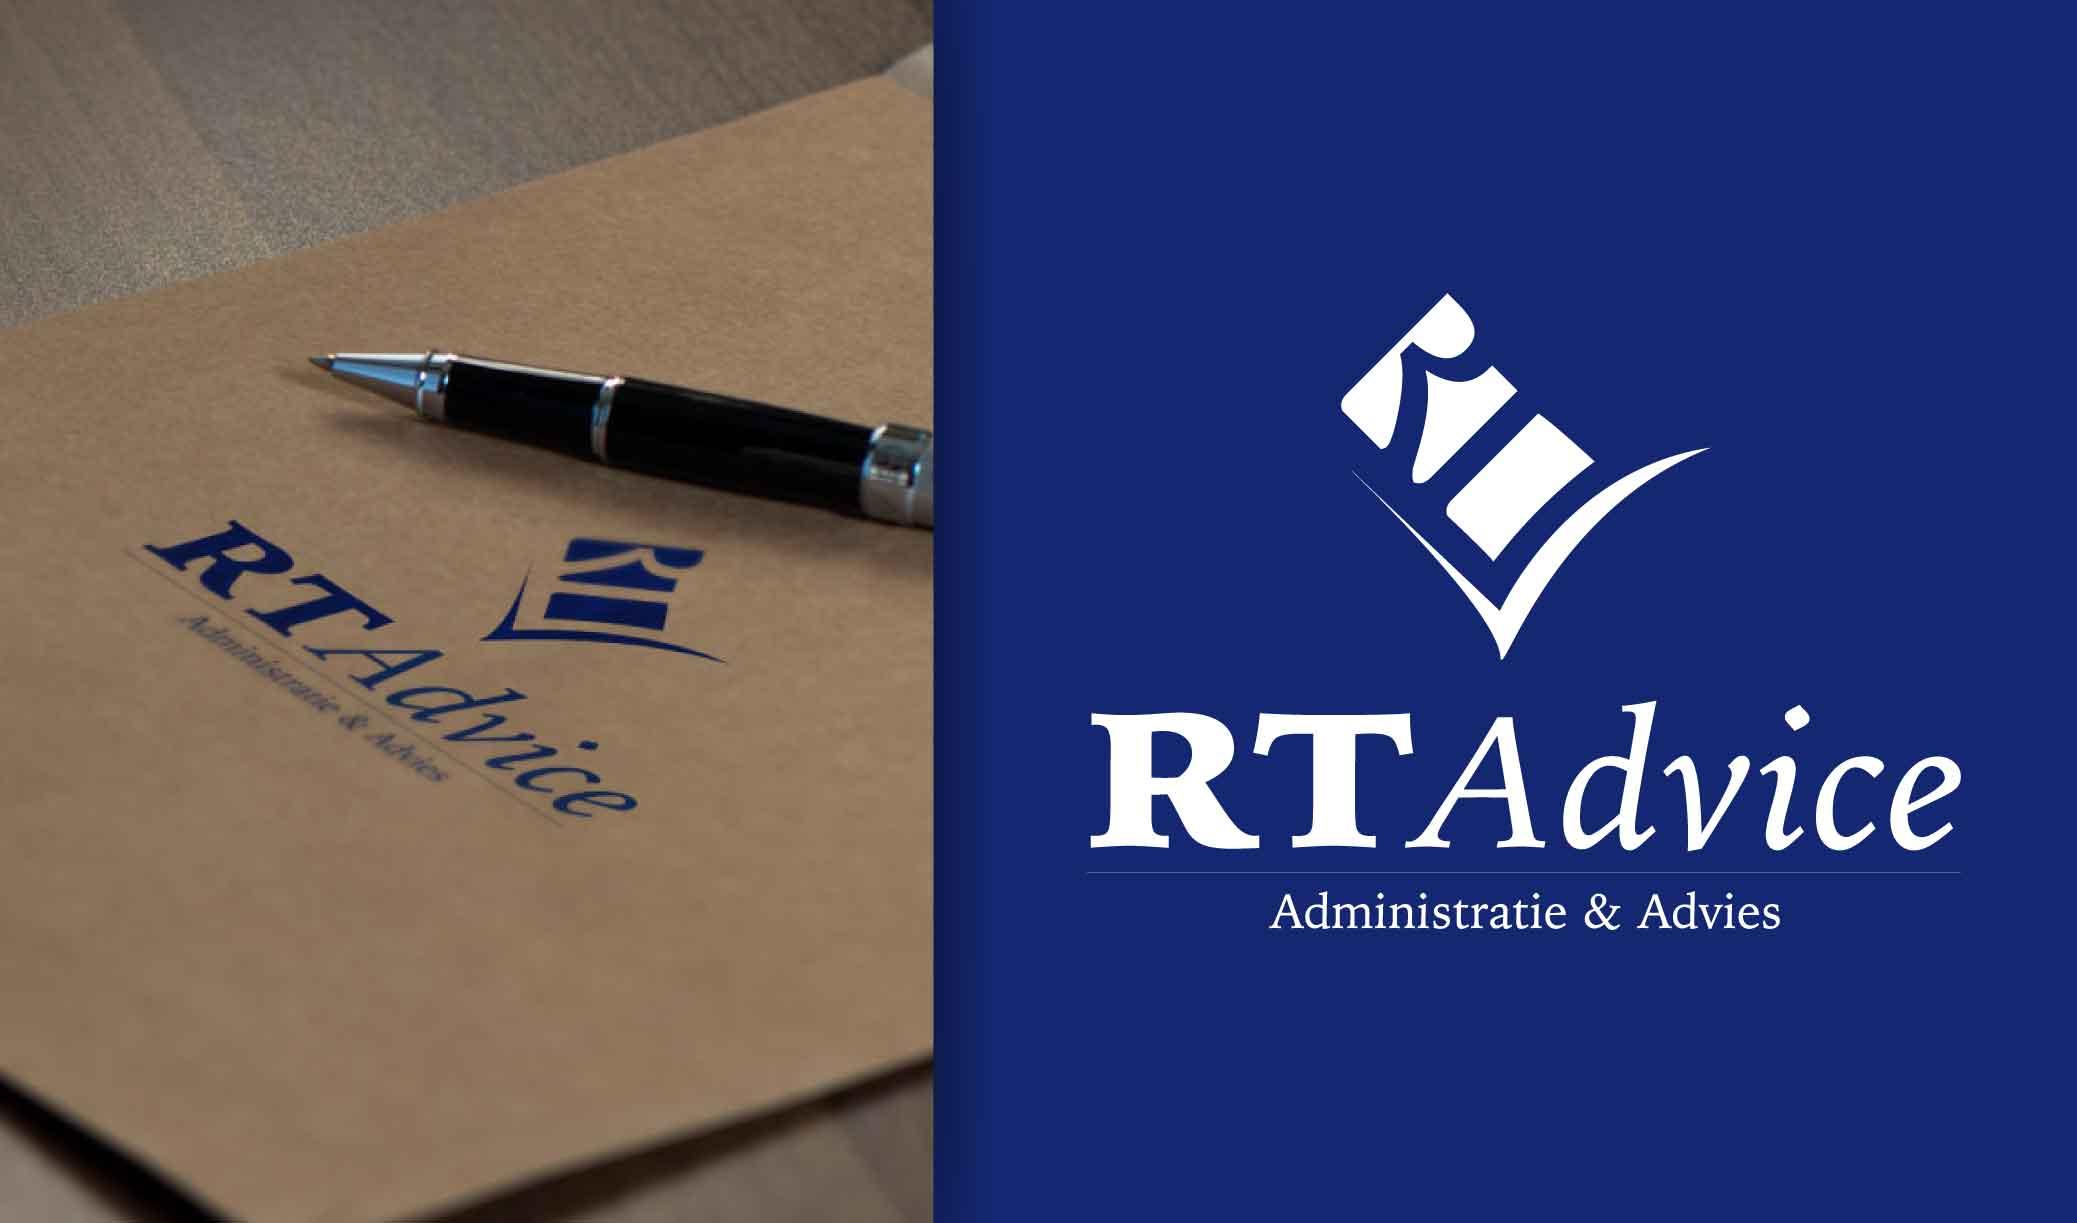 project-5-branding-logo-rtadvice